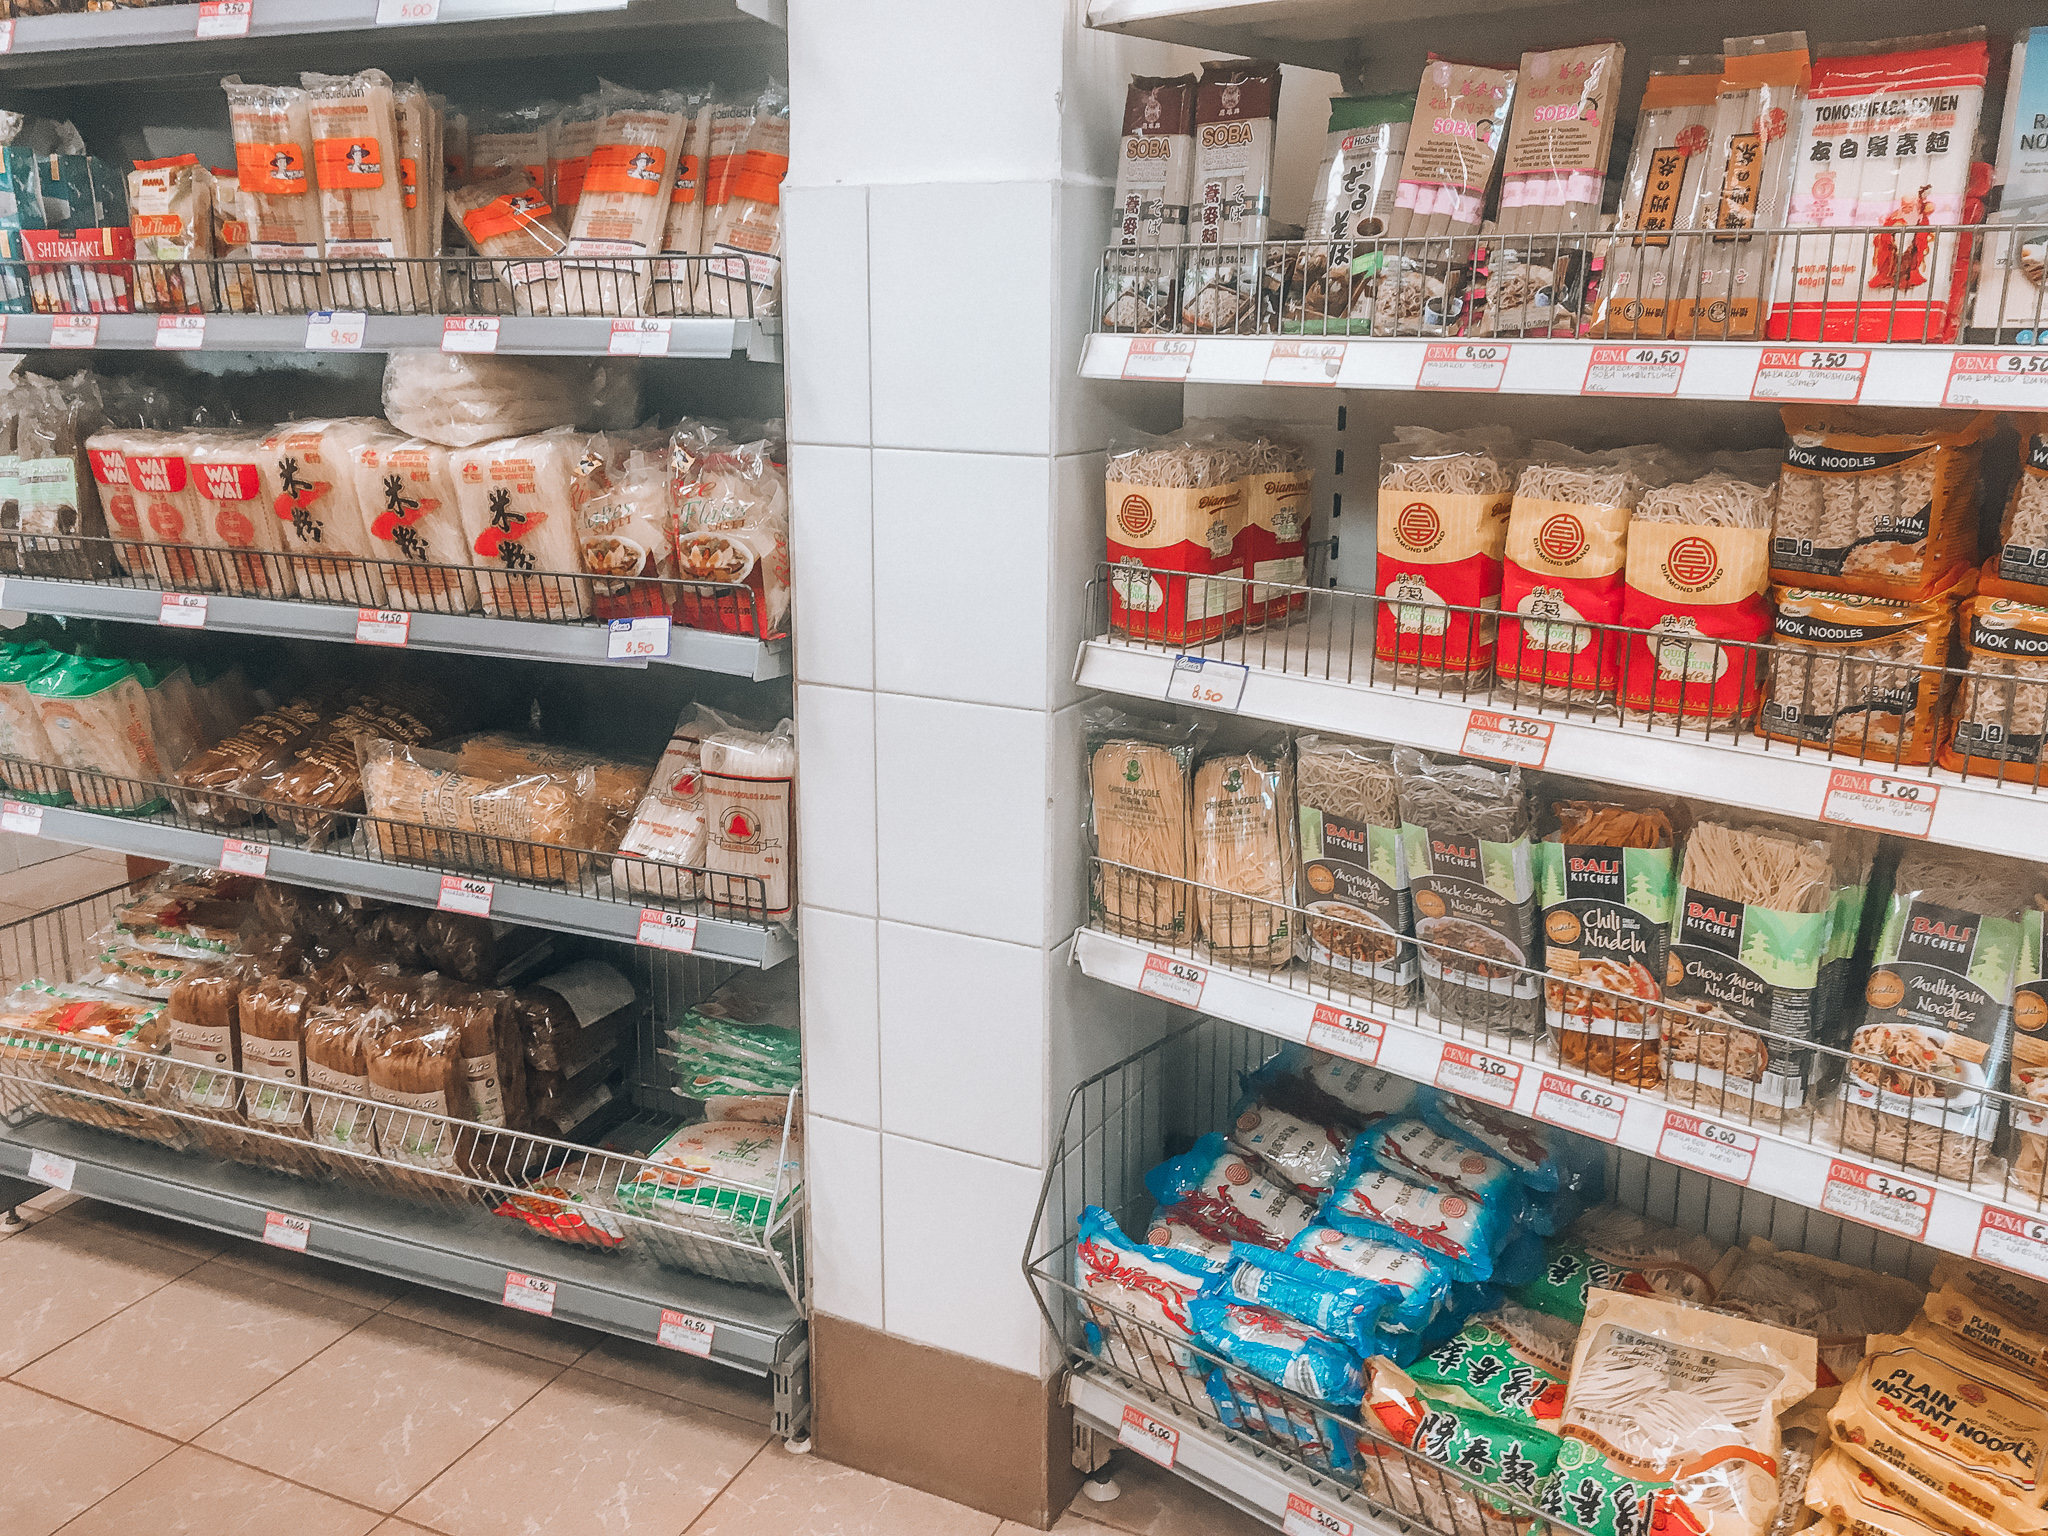 Kuchnie Swiata Sekretne Sklepy I Spoty Z Produktami Spozywczymi W Warszawie Warsaw Wanderer